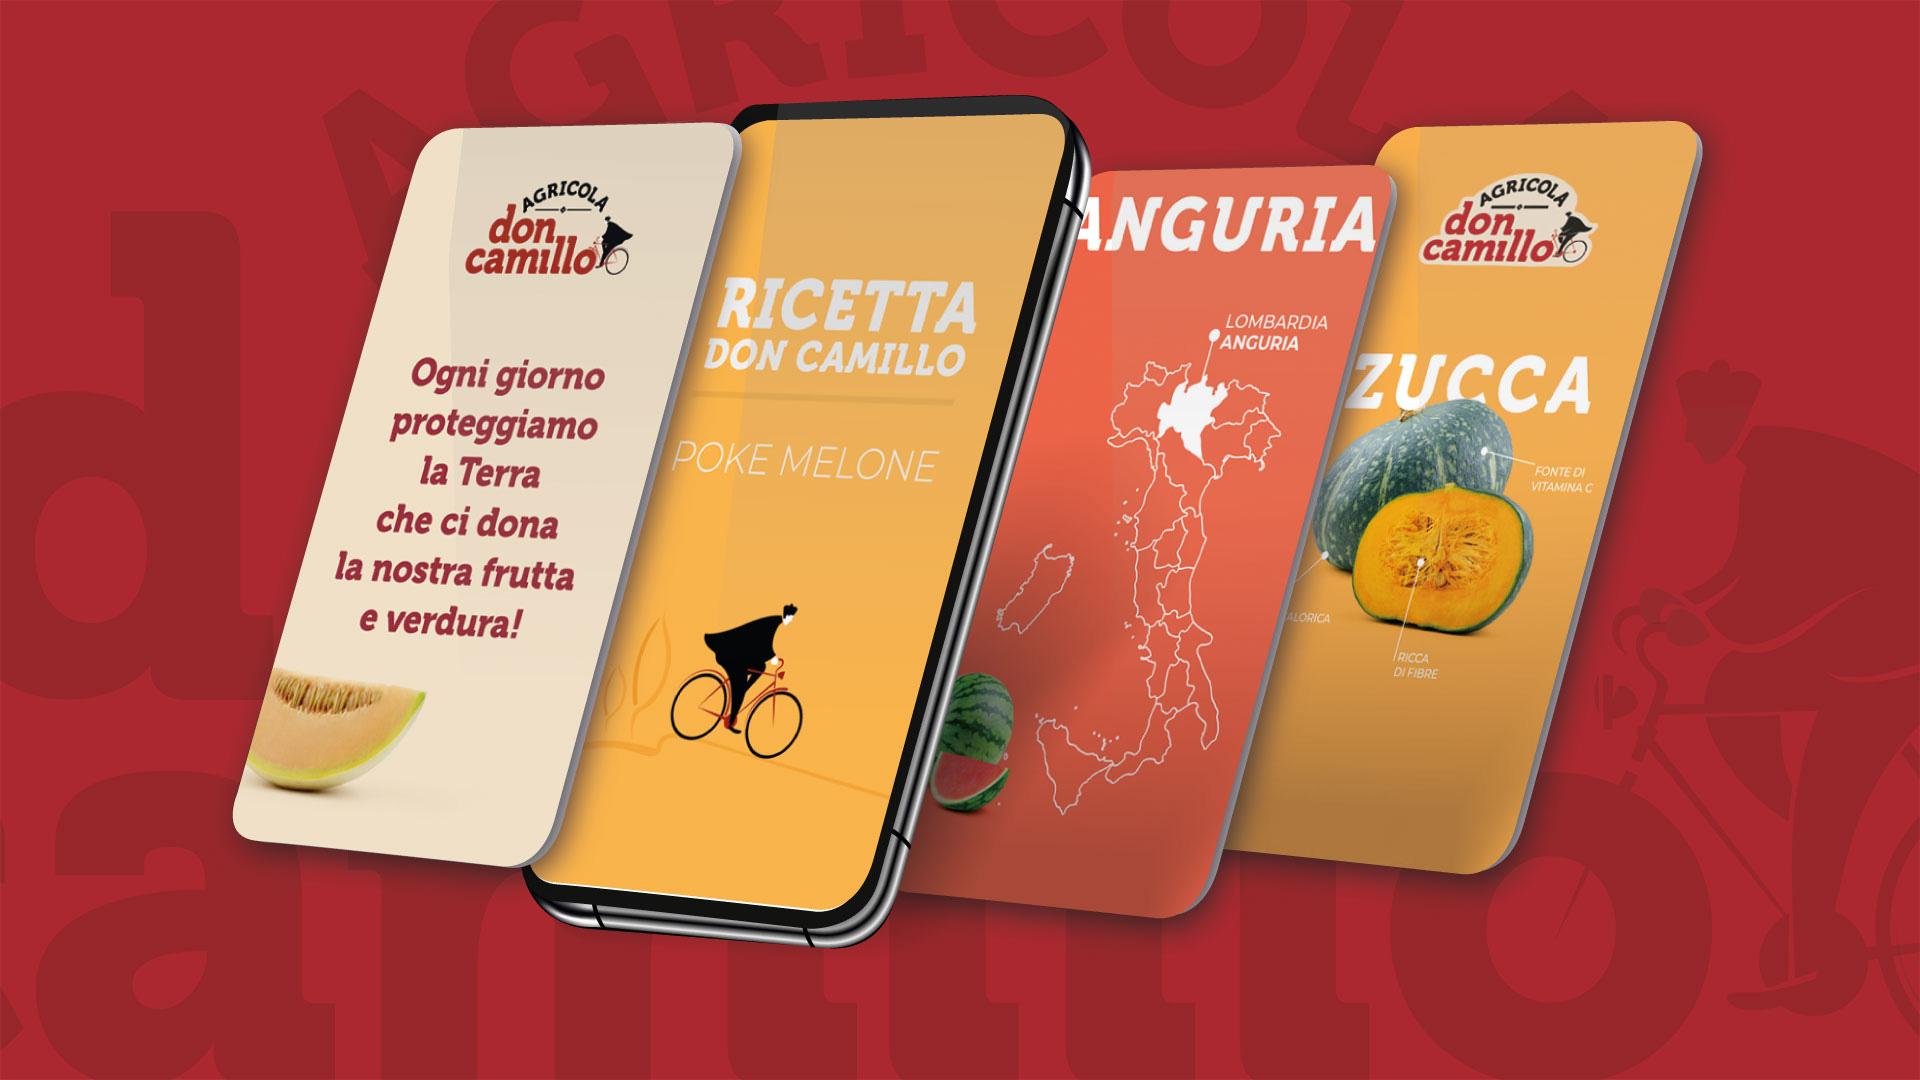 Don-Camillo-Rba-Design-003